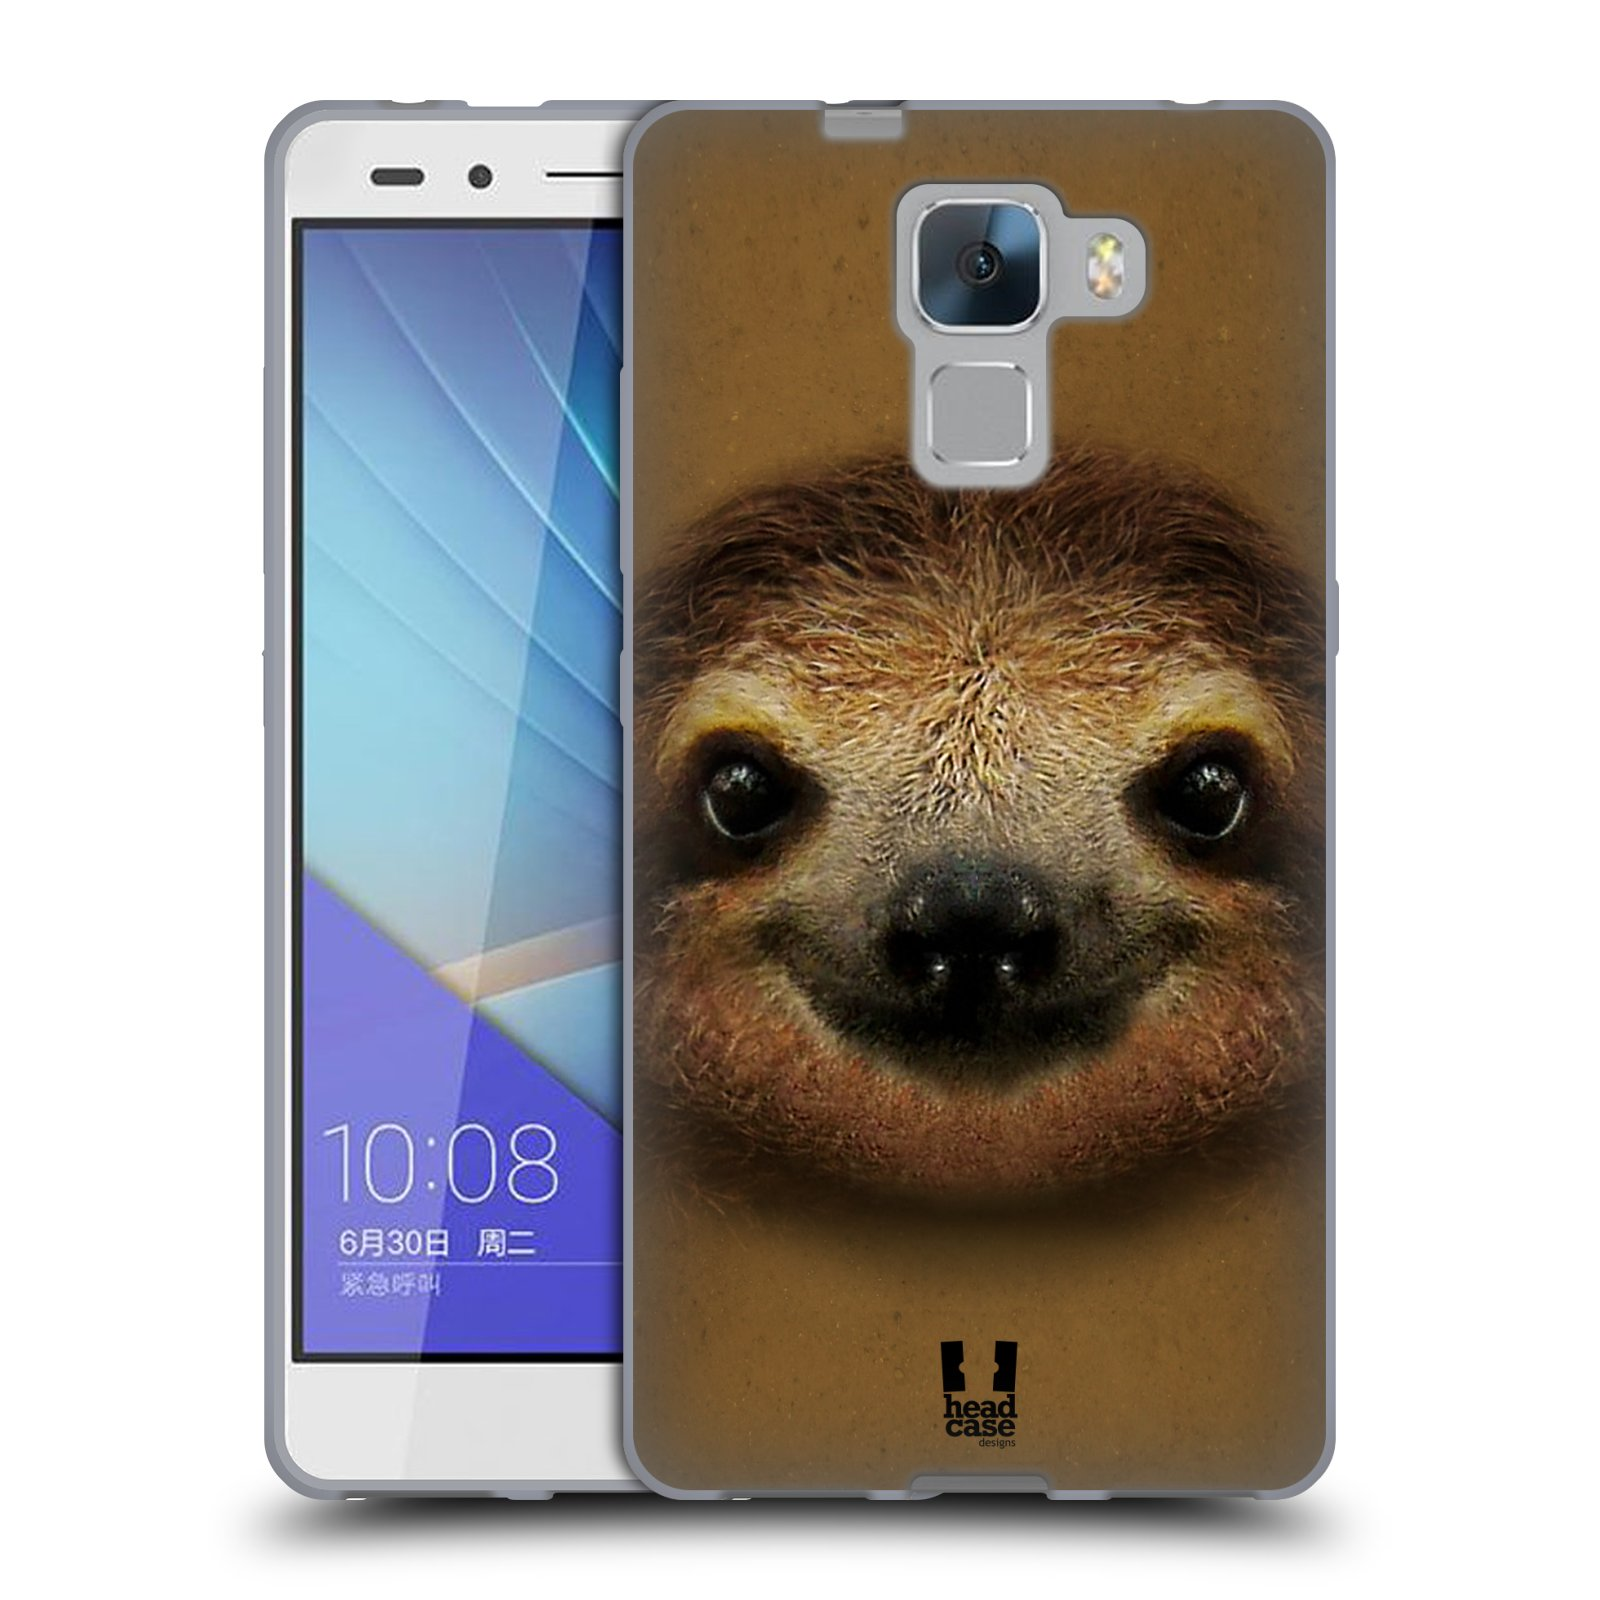 HEAD CASE silikonový obal na mobil HUAWEI HONOR 7 vzor Zvířecí tváře 2 lenochod